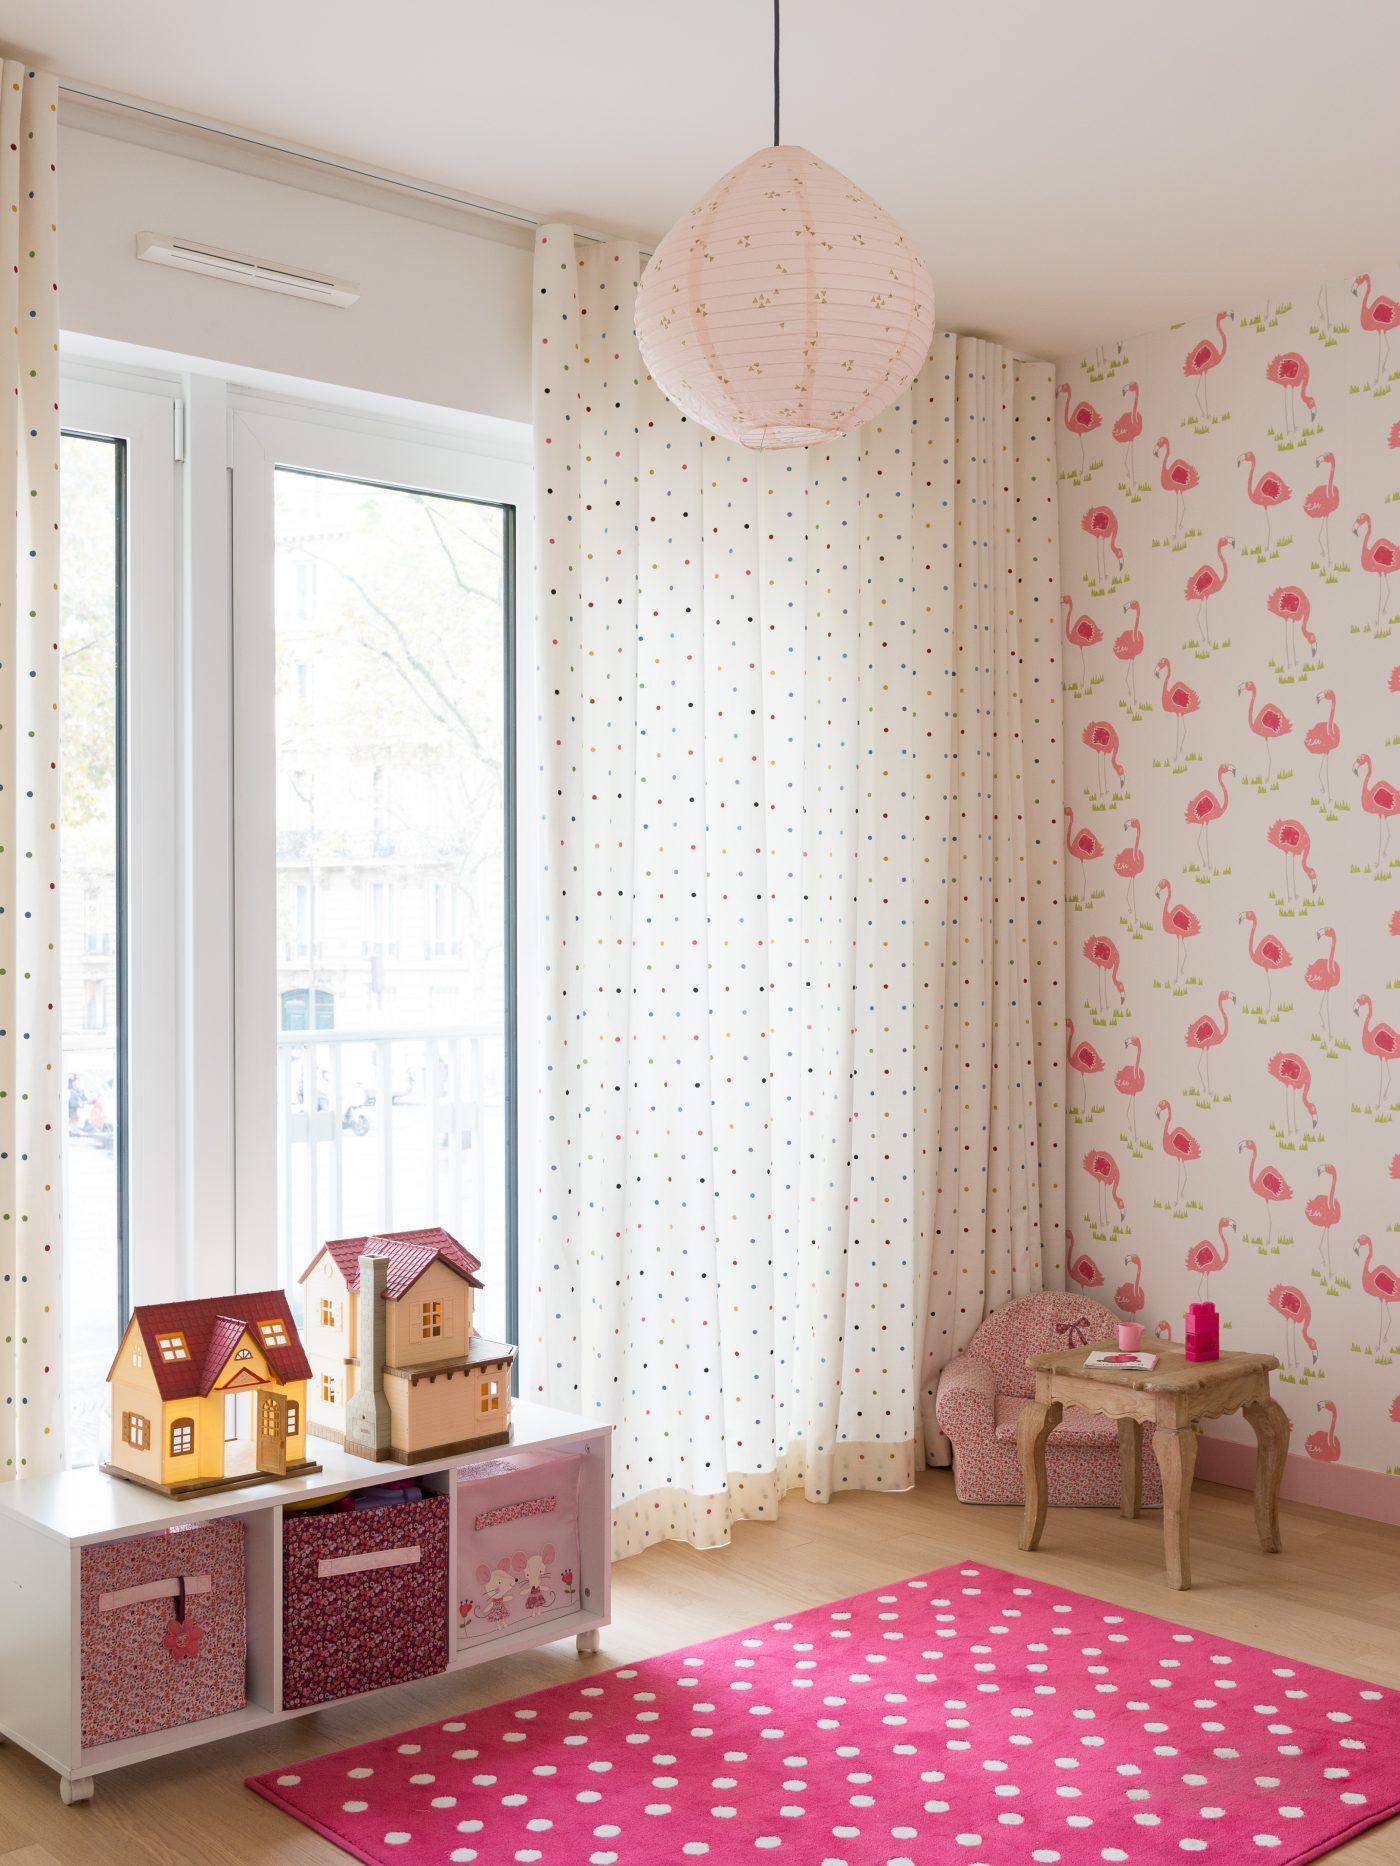 Deco paris chambre fille top peinture chambre bebe neutre - Decoration chambre paris ...